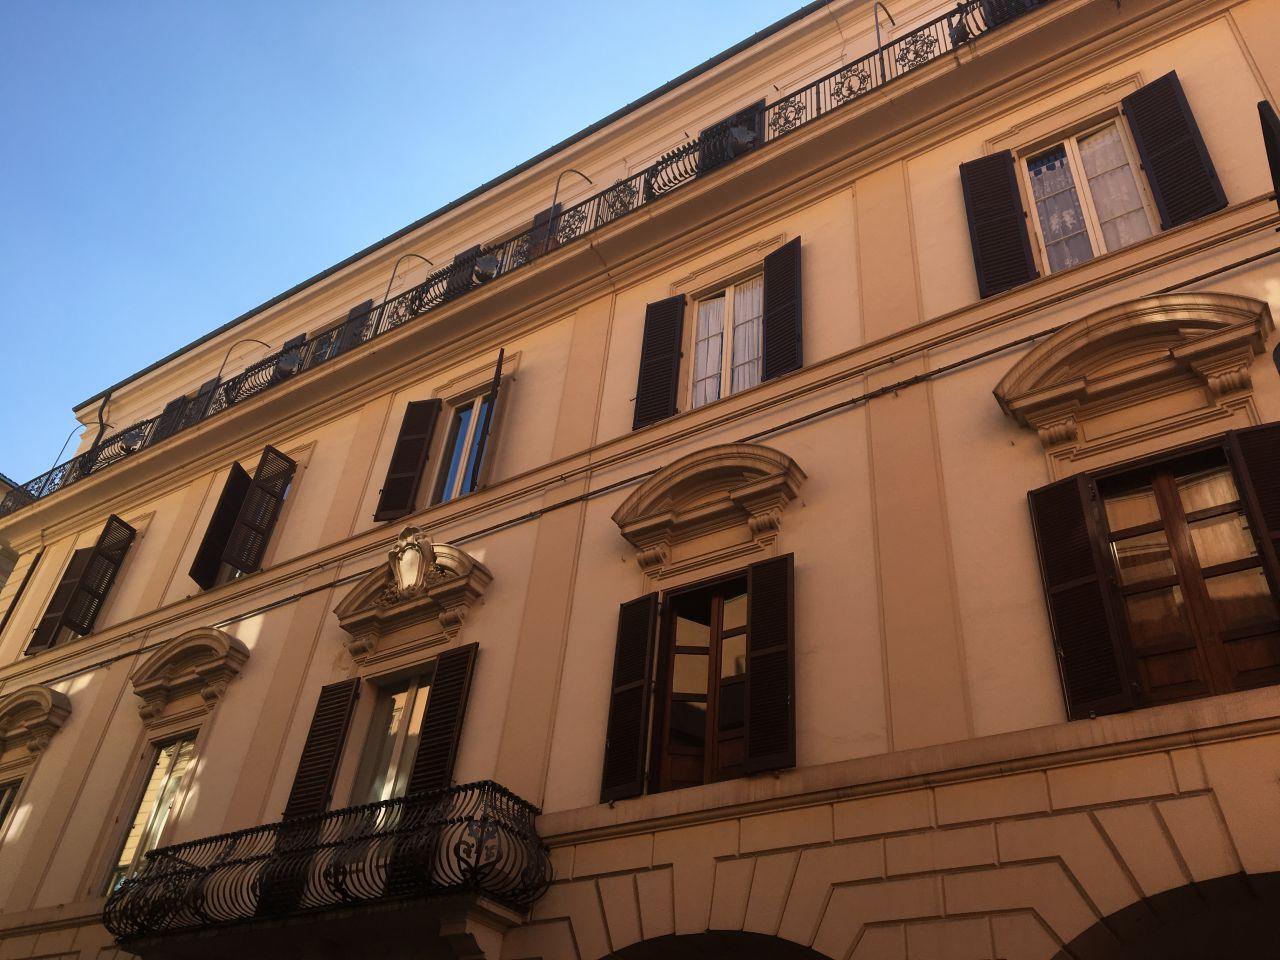 Attico / Mansarda in vendita a Bologna, 10 locali, zona Località: CENTRO STORICO, prezzo € 1.000.000 | Cambio Casa.it